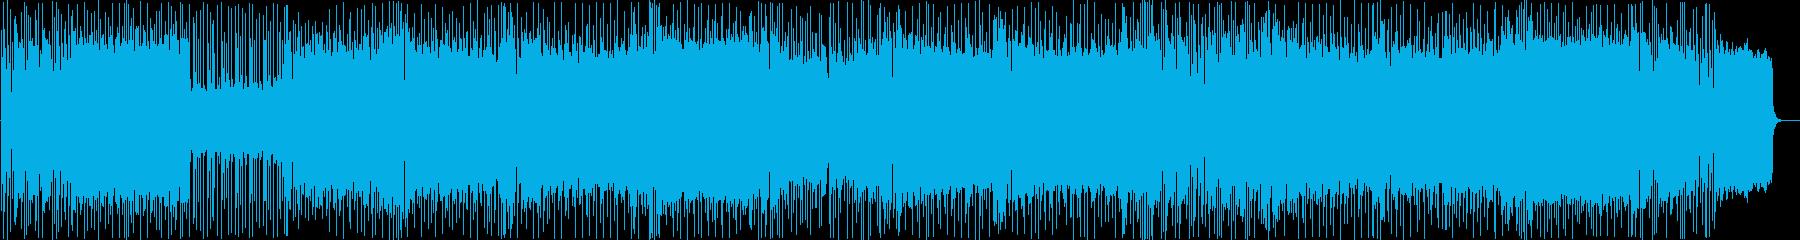 シンセリードが印象的な速いメタルBGMの再生済みの波形